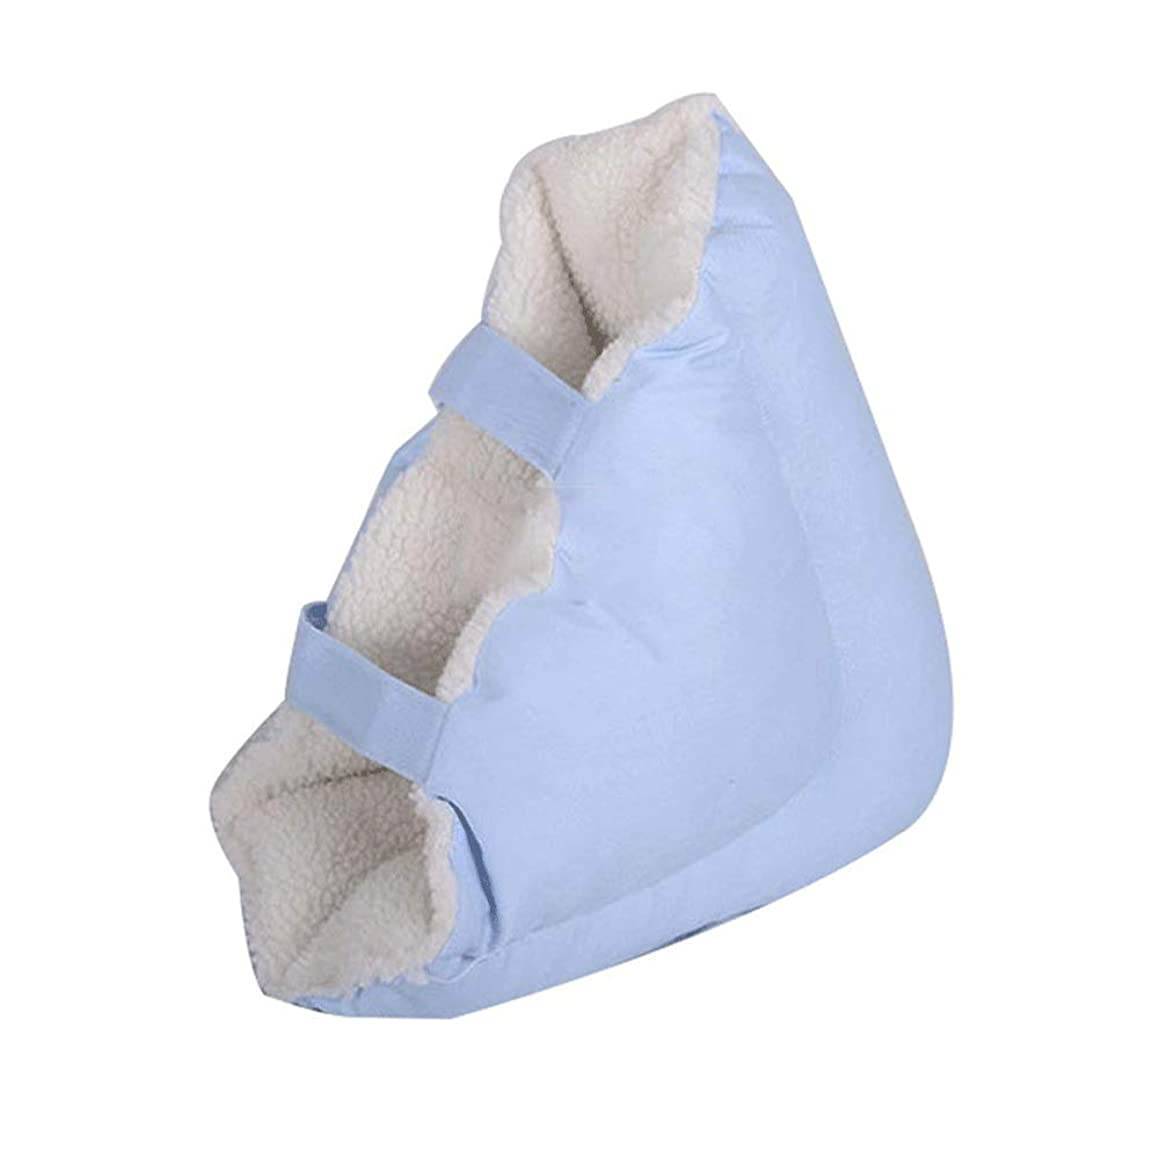 売り手故障変更足枕ヒールクッションプロテクター-Pressure瘡の予防 高弾性スポンジ充填、1ペア